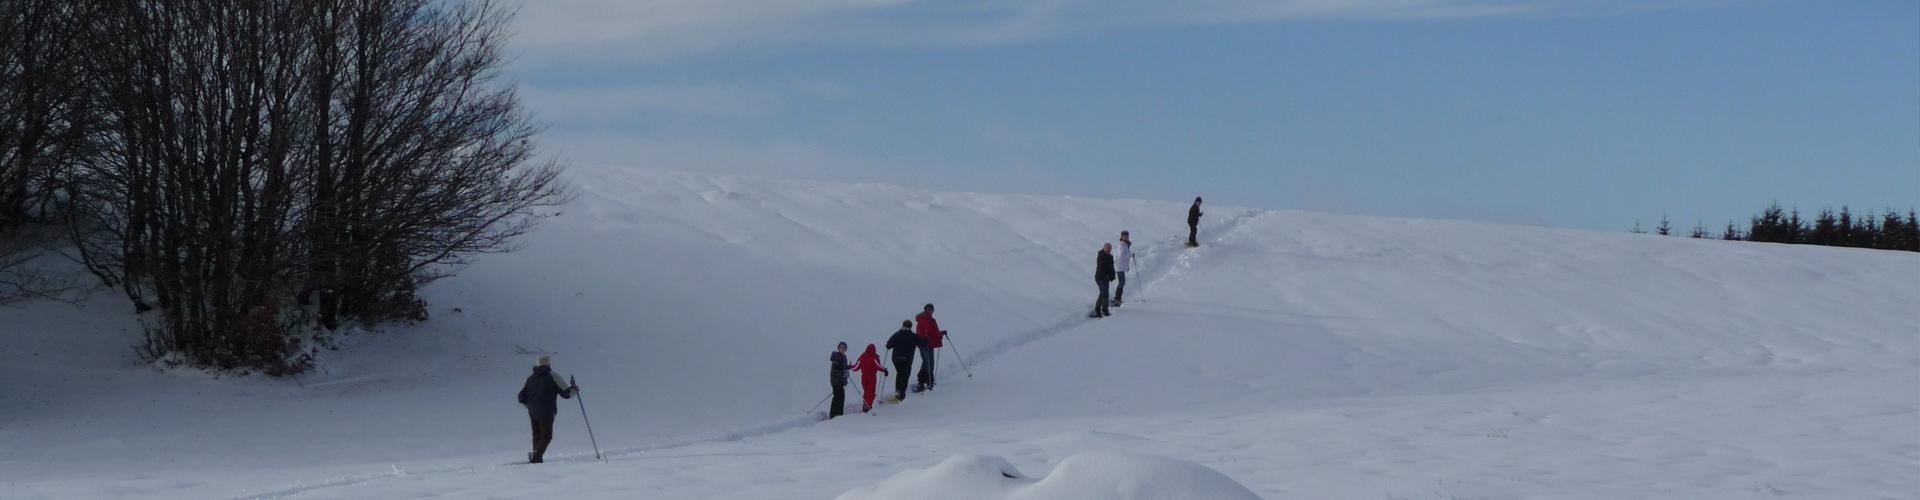 """<div class=""""sliderdesc""""> <h4>Fondez vous dans le décor ...</h4> Avec plus de 35 km de pistes et circuits, la station Aubrac Sud vous propose des itinéraires de tous niveaux accessibles à tous.  <br><br> En raquette ou ski de fond, le site est idéal pour l'initiation et offre également de magnifiques parcours pour les plus aggueris.<br><br> <a href=""""http://www.aubrac-sud-lozere.com/la-station-de-ski/plan-des-pistes/"""">Découvrez et téléchargez le plan des pistes.</a> </div>"""